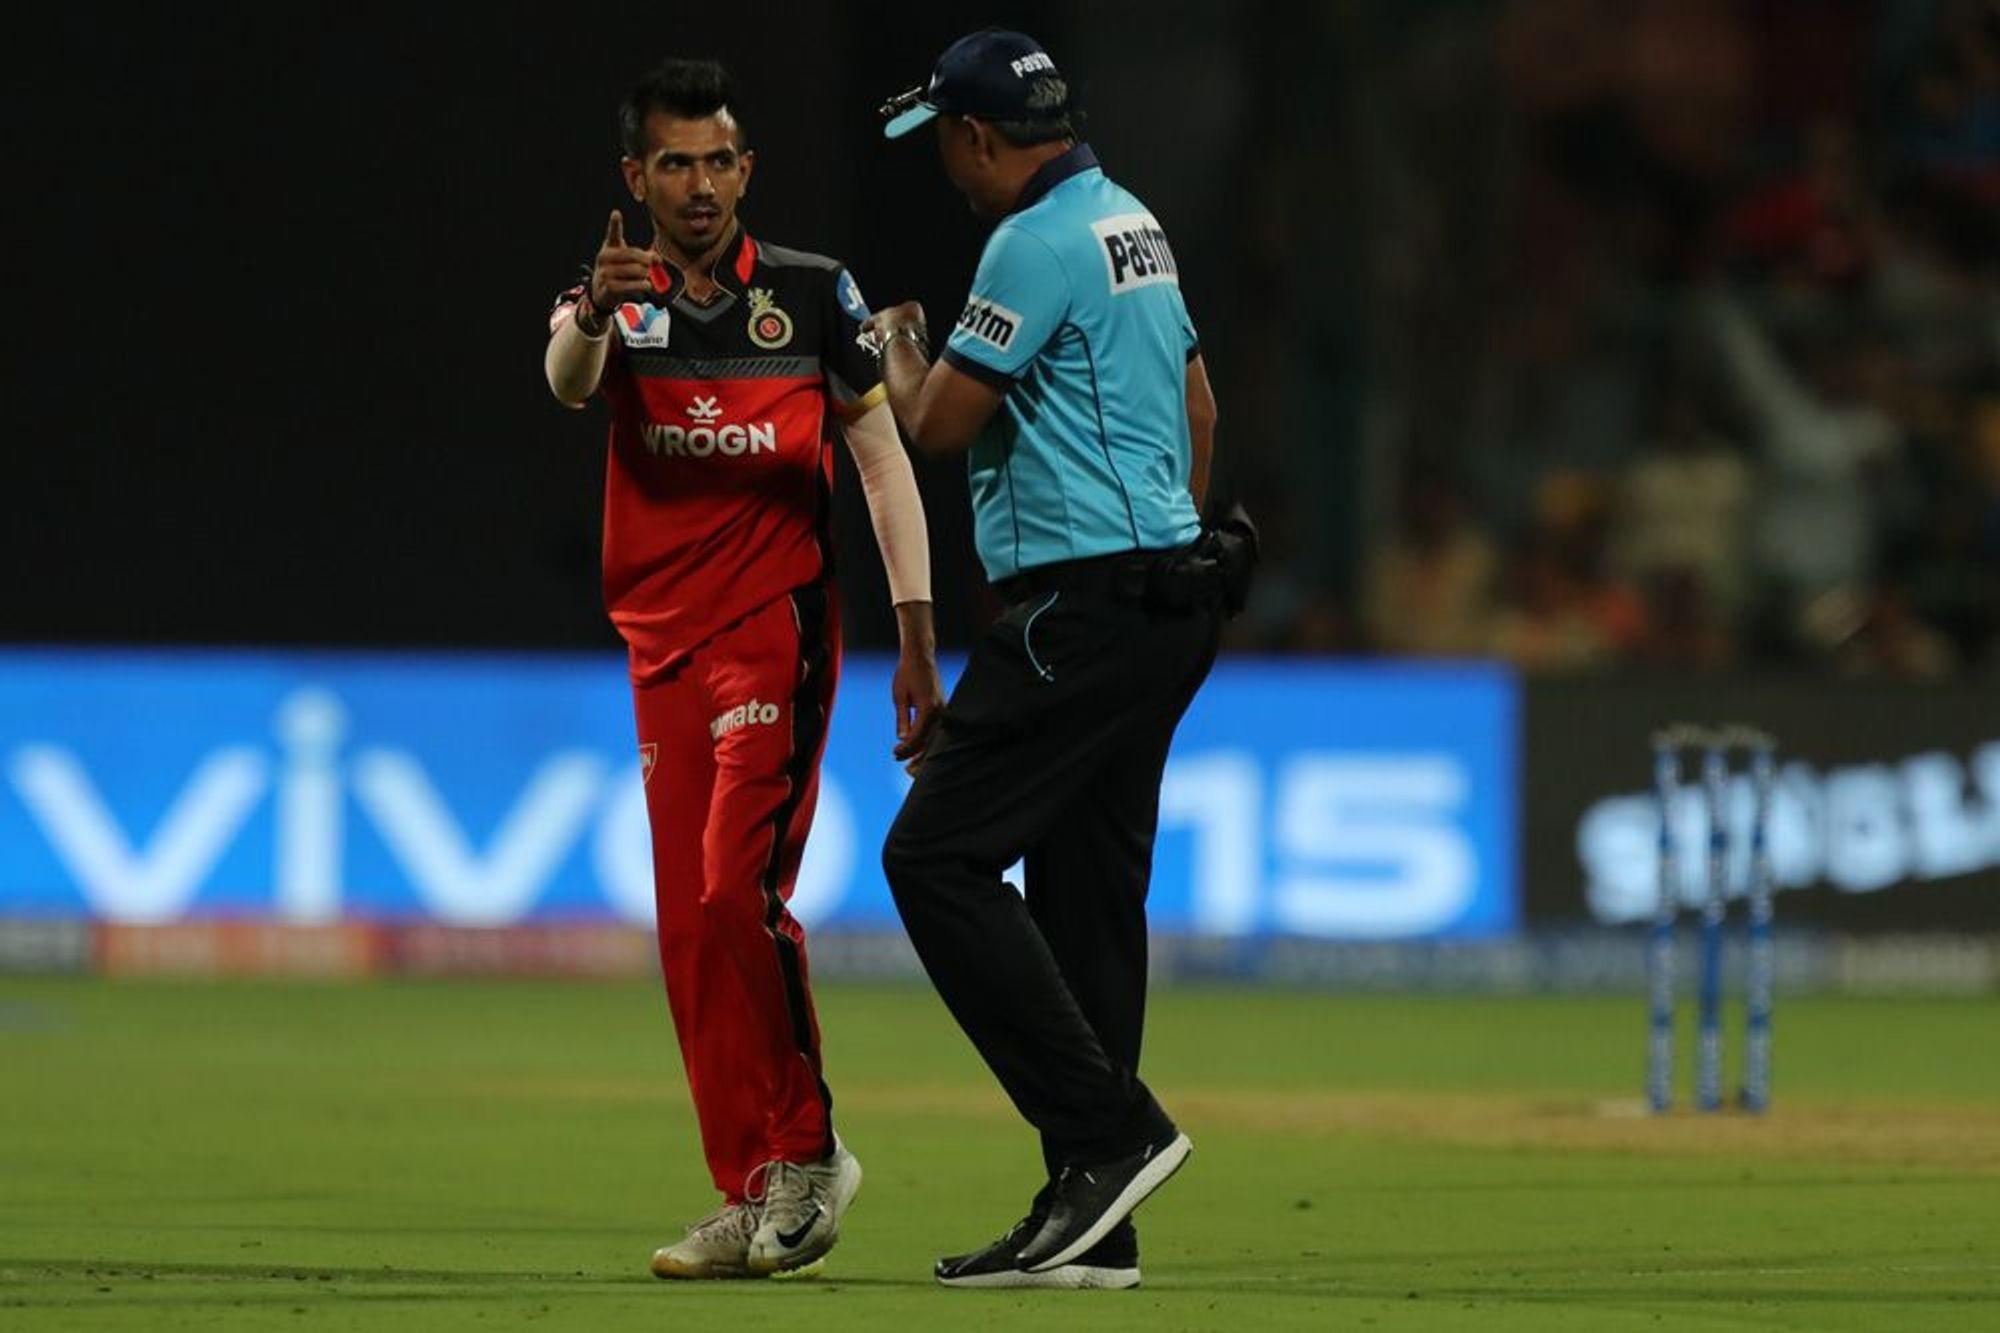 आईपीएल 2019 : युवराज सिंह ने जब लगाए लगातार 3 छक्के तो मैंने स्टुअर्ट ब्रॉड की तरह महसूस किया: युजवेंद्र चहल 4